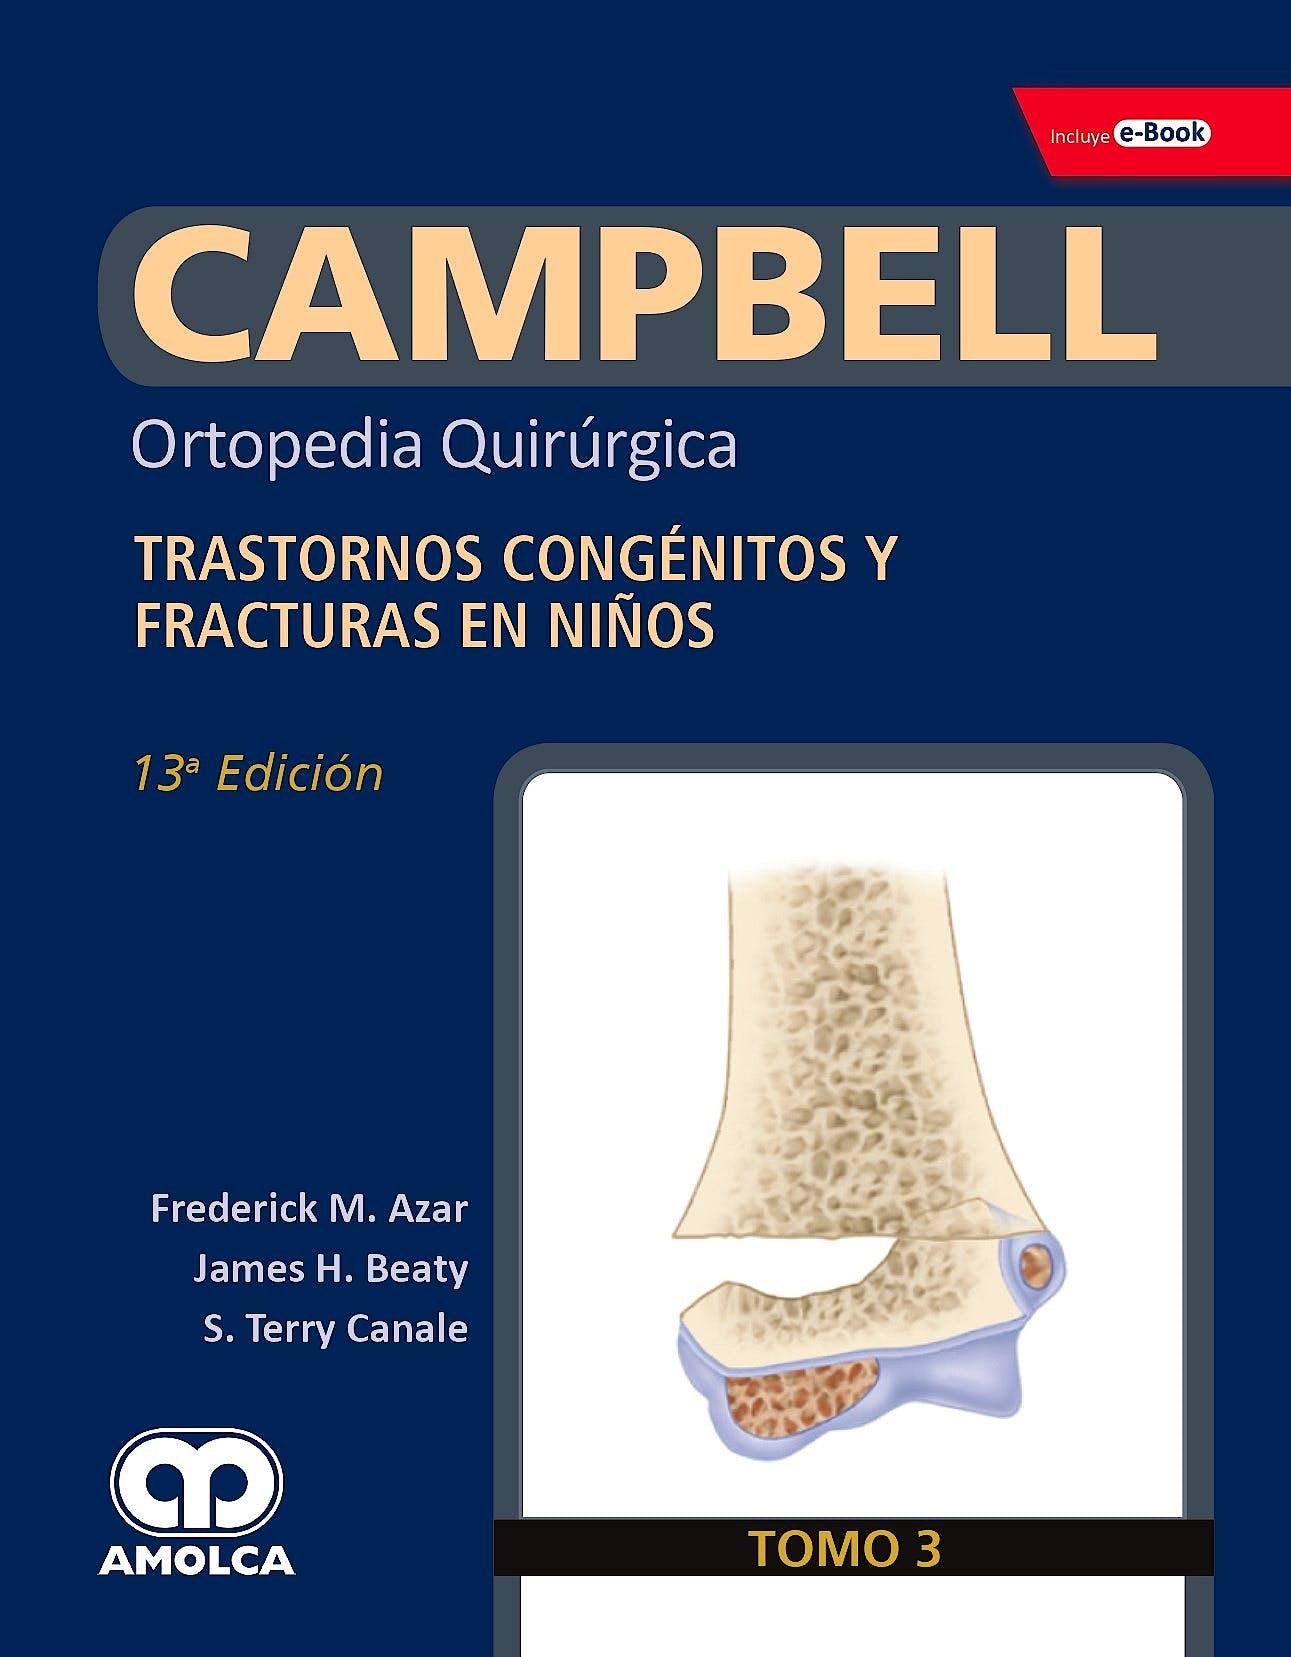 Portada del libro 9789804300929 CAMPBELL Ortopedia Quirúrgica, Tomo 3: Trastornos Congénitos y Fracturas en Niños + E-Book, Referencias y Videos